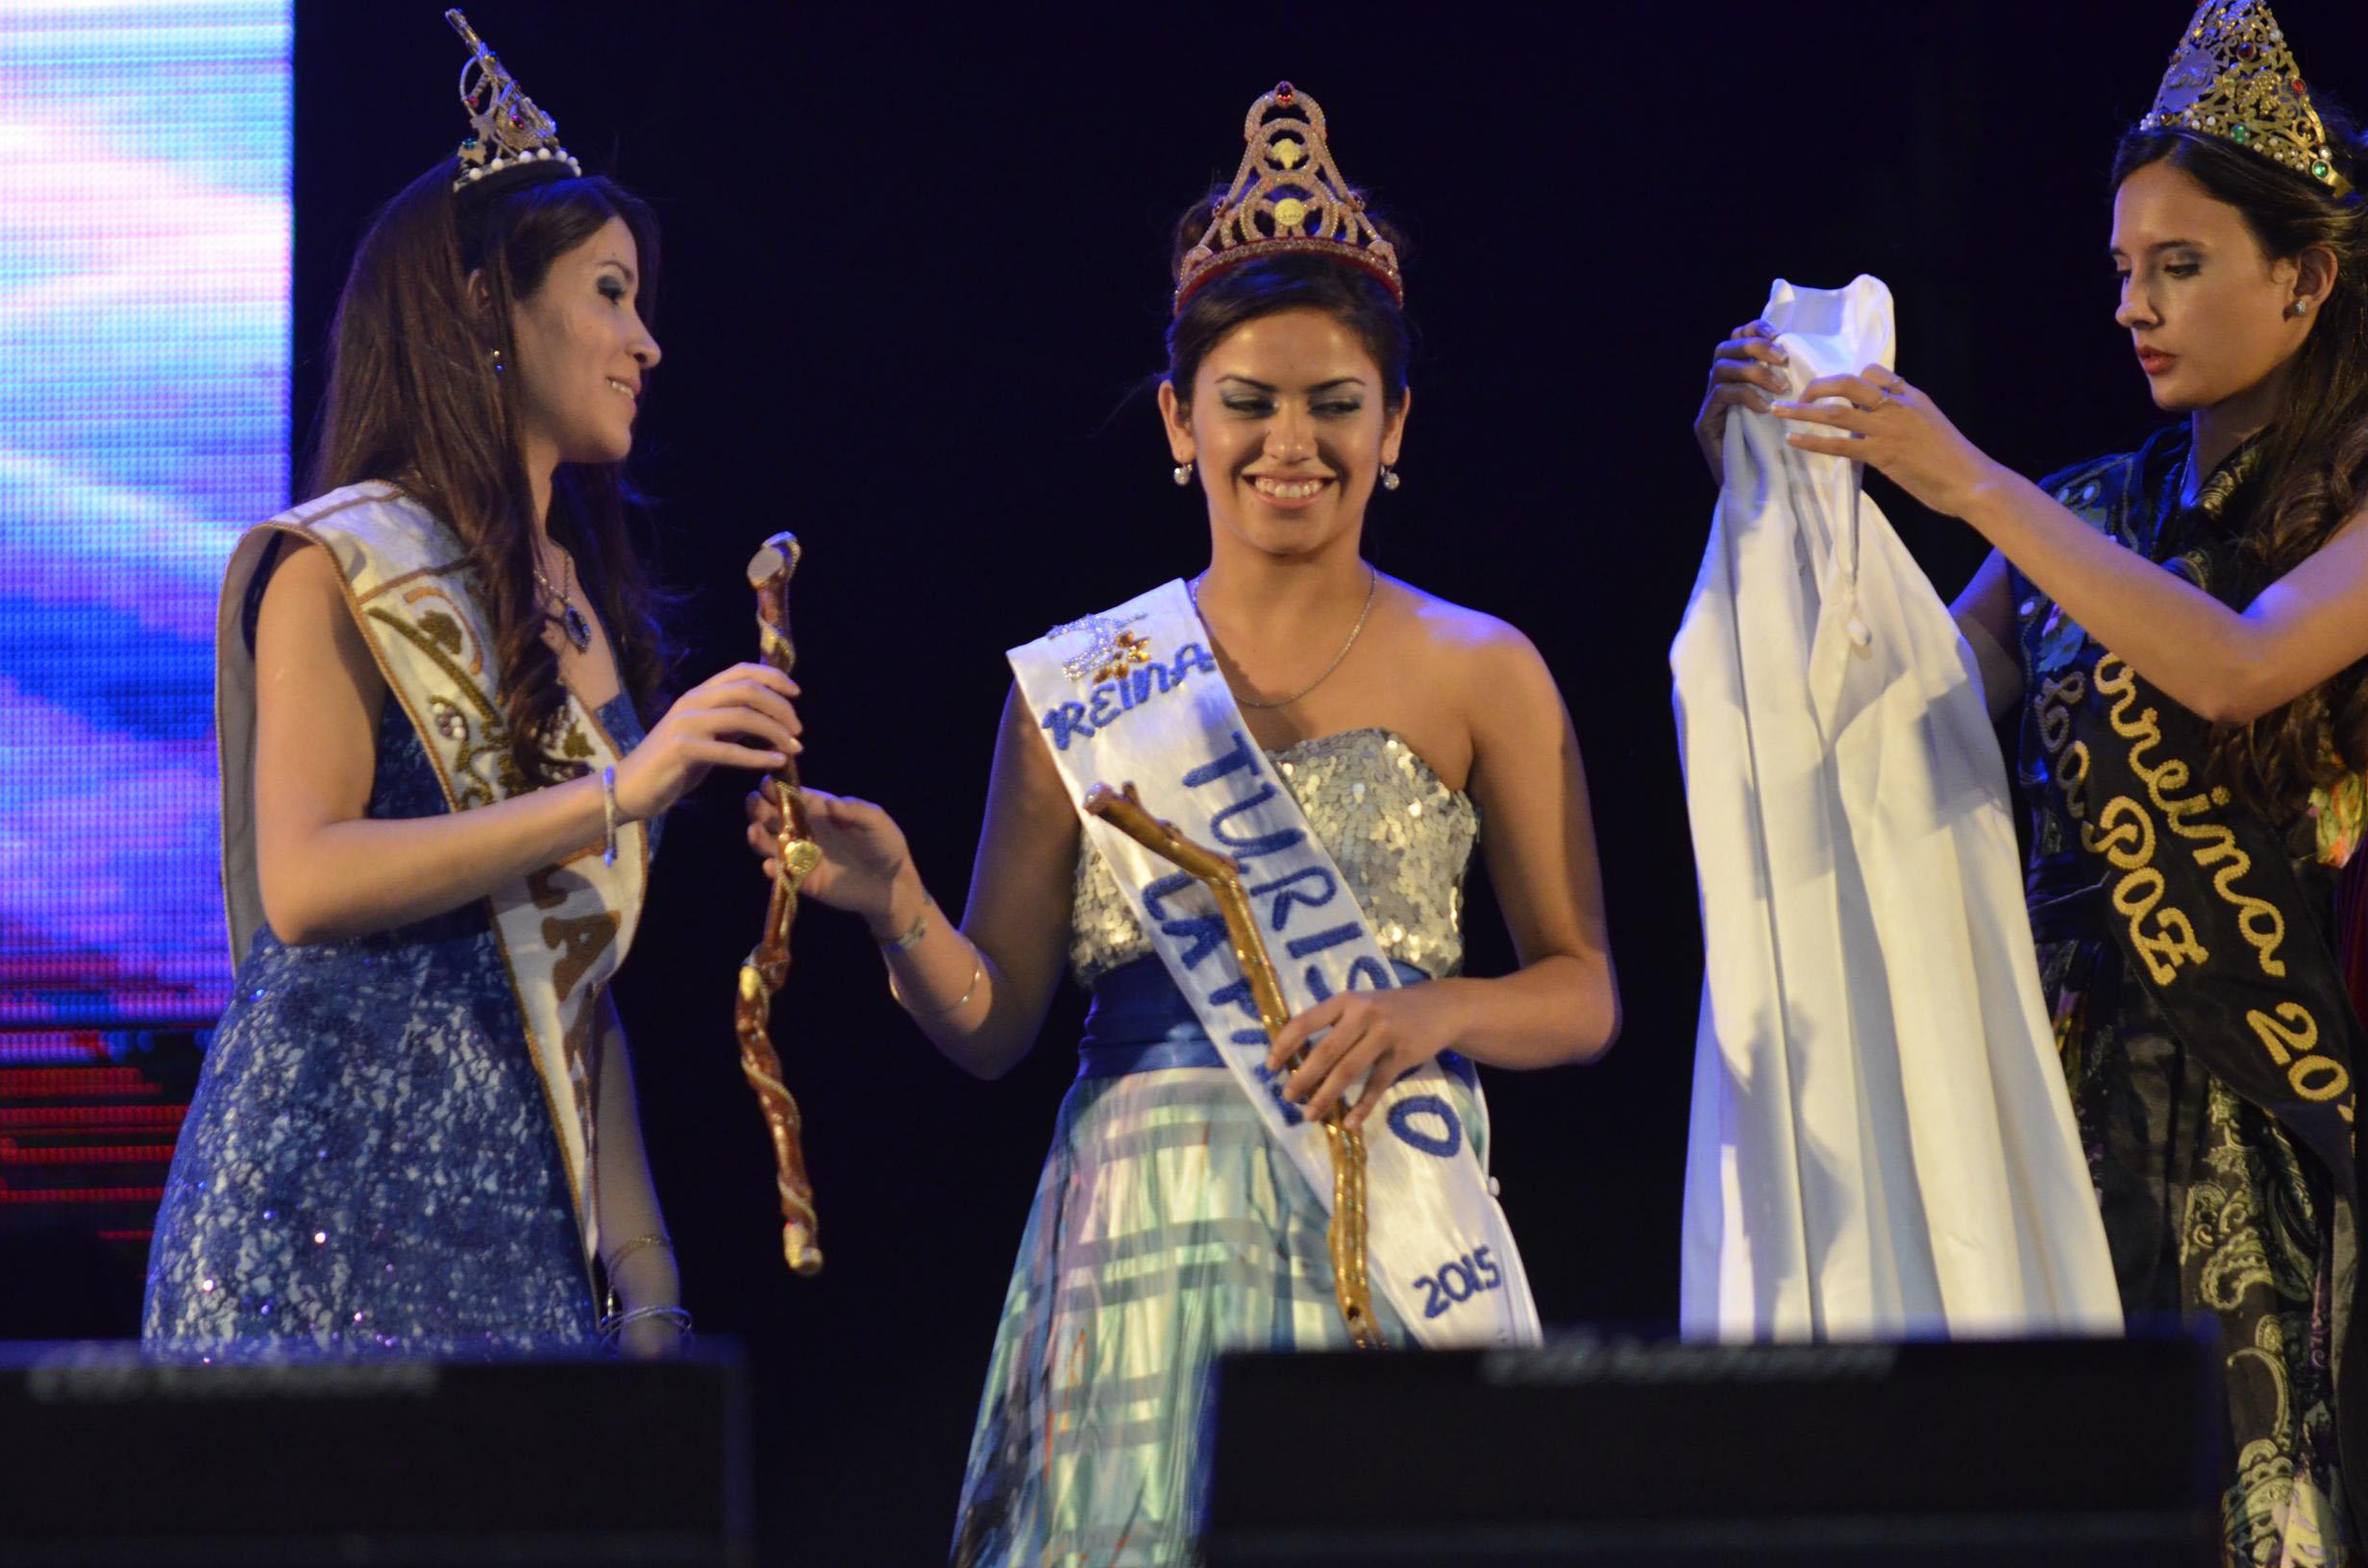 La Reina y Virreina Vendimial coronan a Karen Sosa como  Reina Departamental del Turismo